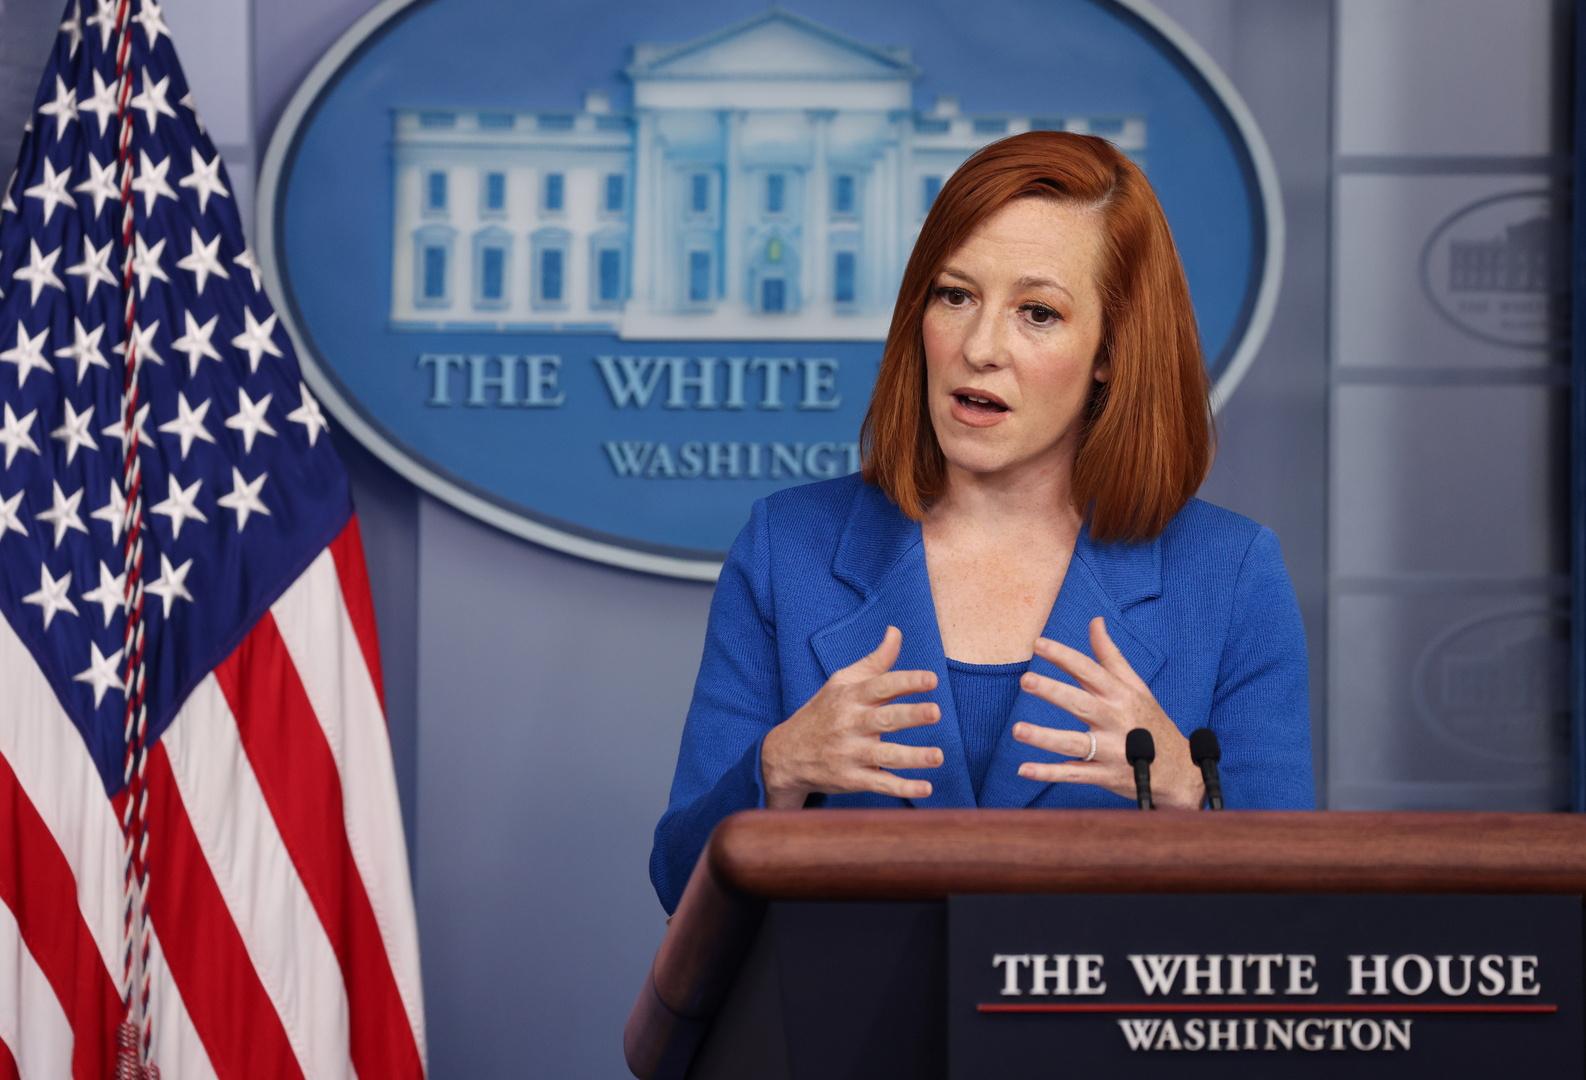 البيت الأبيض: لن نوجه أي إنذار لروسيا قبل الهجوم السيبراني عليها